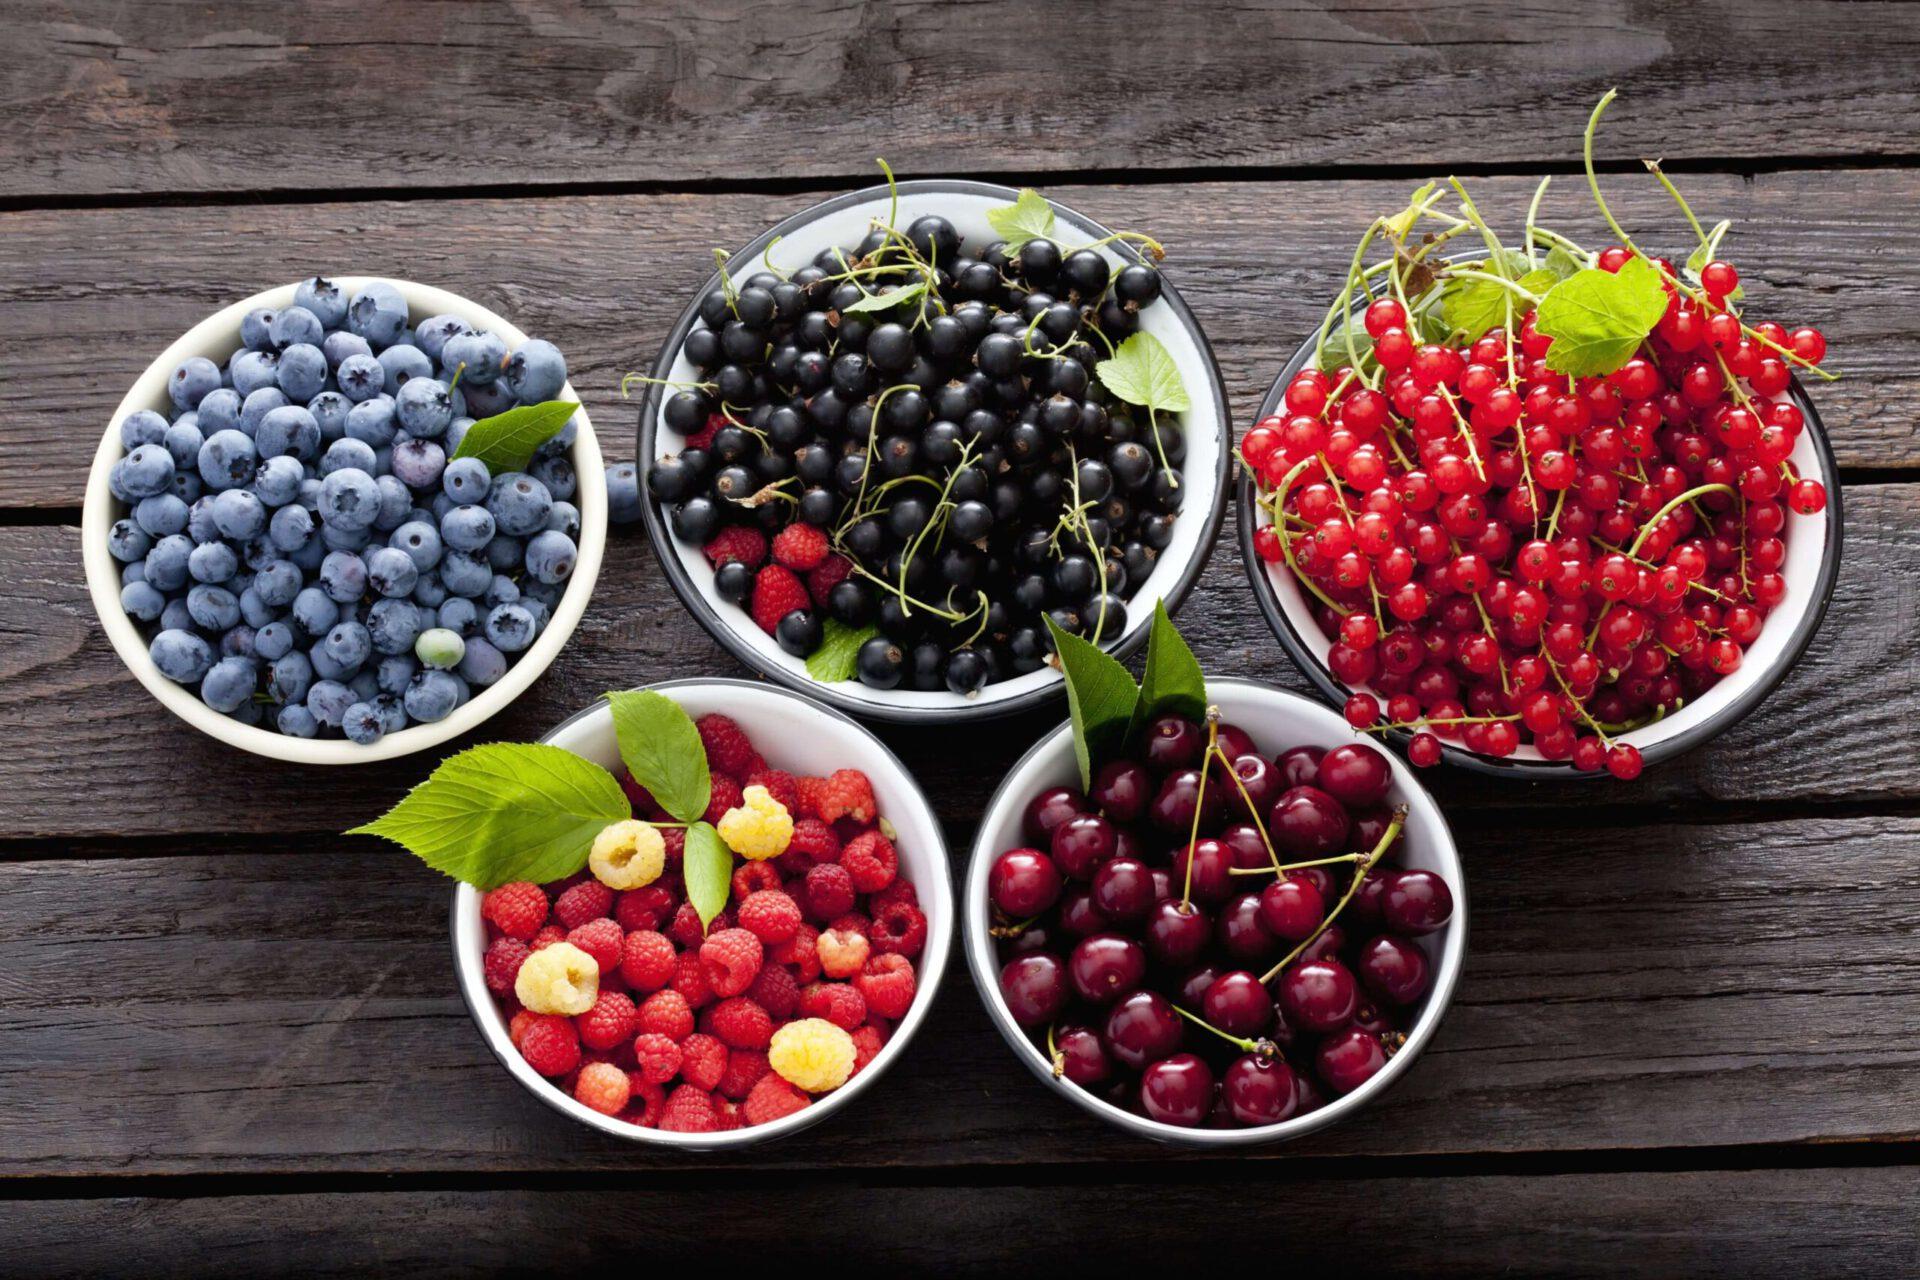 Quả mọng có nhiều khoáng chất và vitamin giúp tiêu viêm